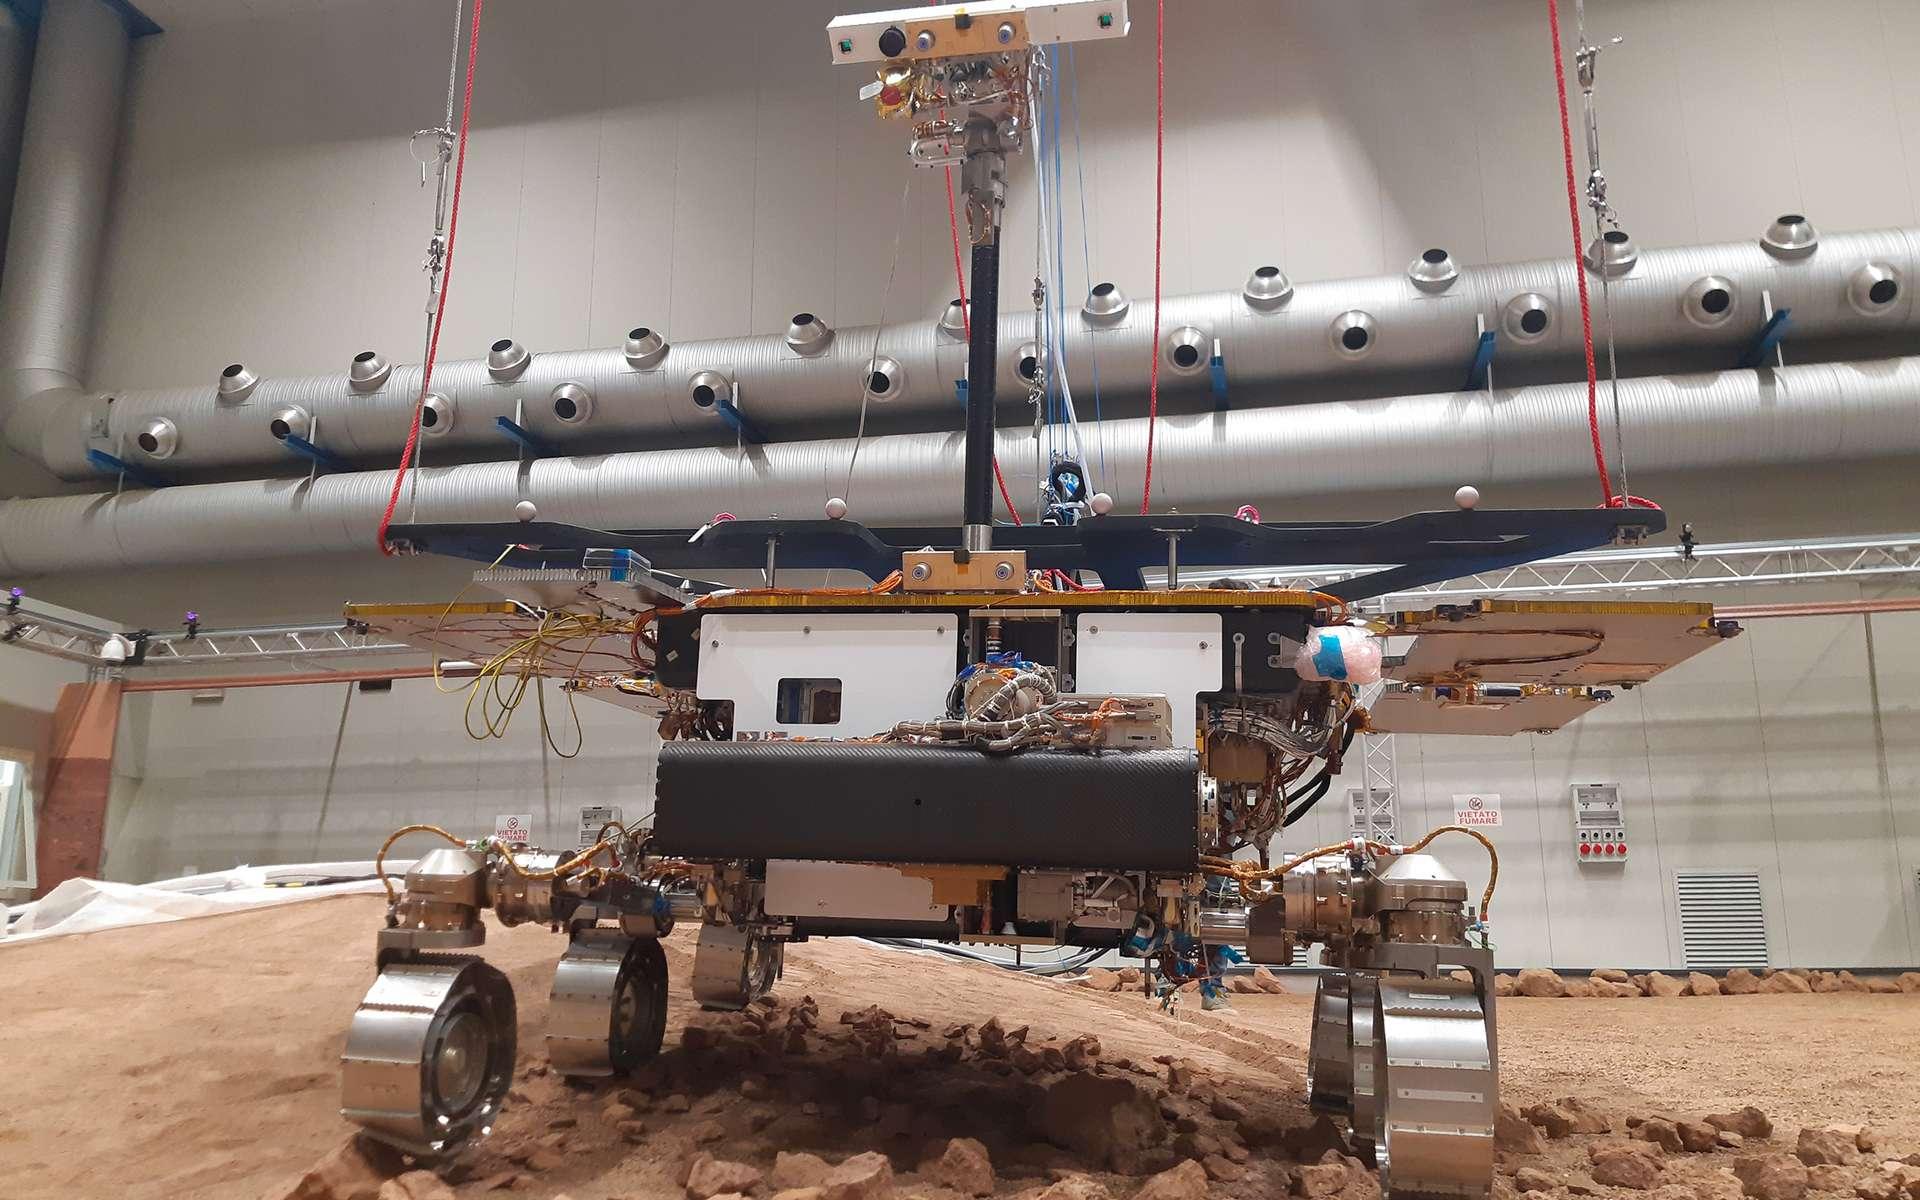 Le Ground Test Model d'ExoMars Rosalind Franklin. Ce modèle de test autant représentatif que possible du « vrai » rover martien est chargé de simuler les activités que réalisera ExoMars lorsqu'il sera sur Mars. © Thales Alenia Space